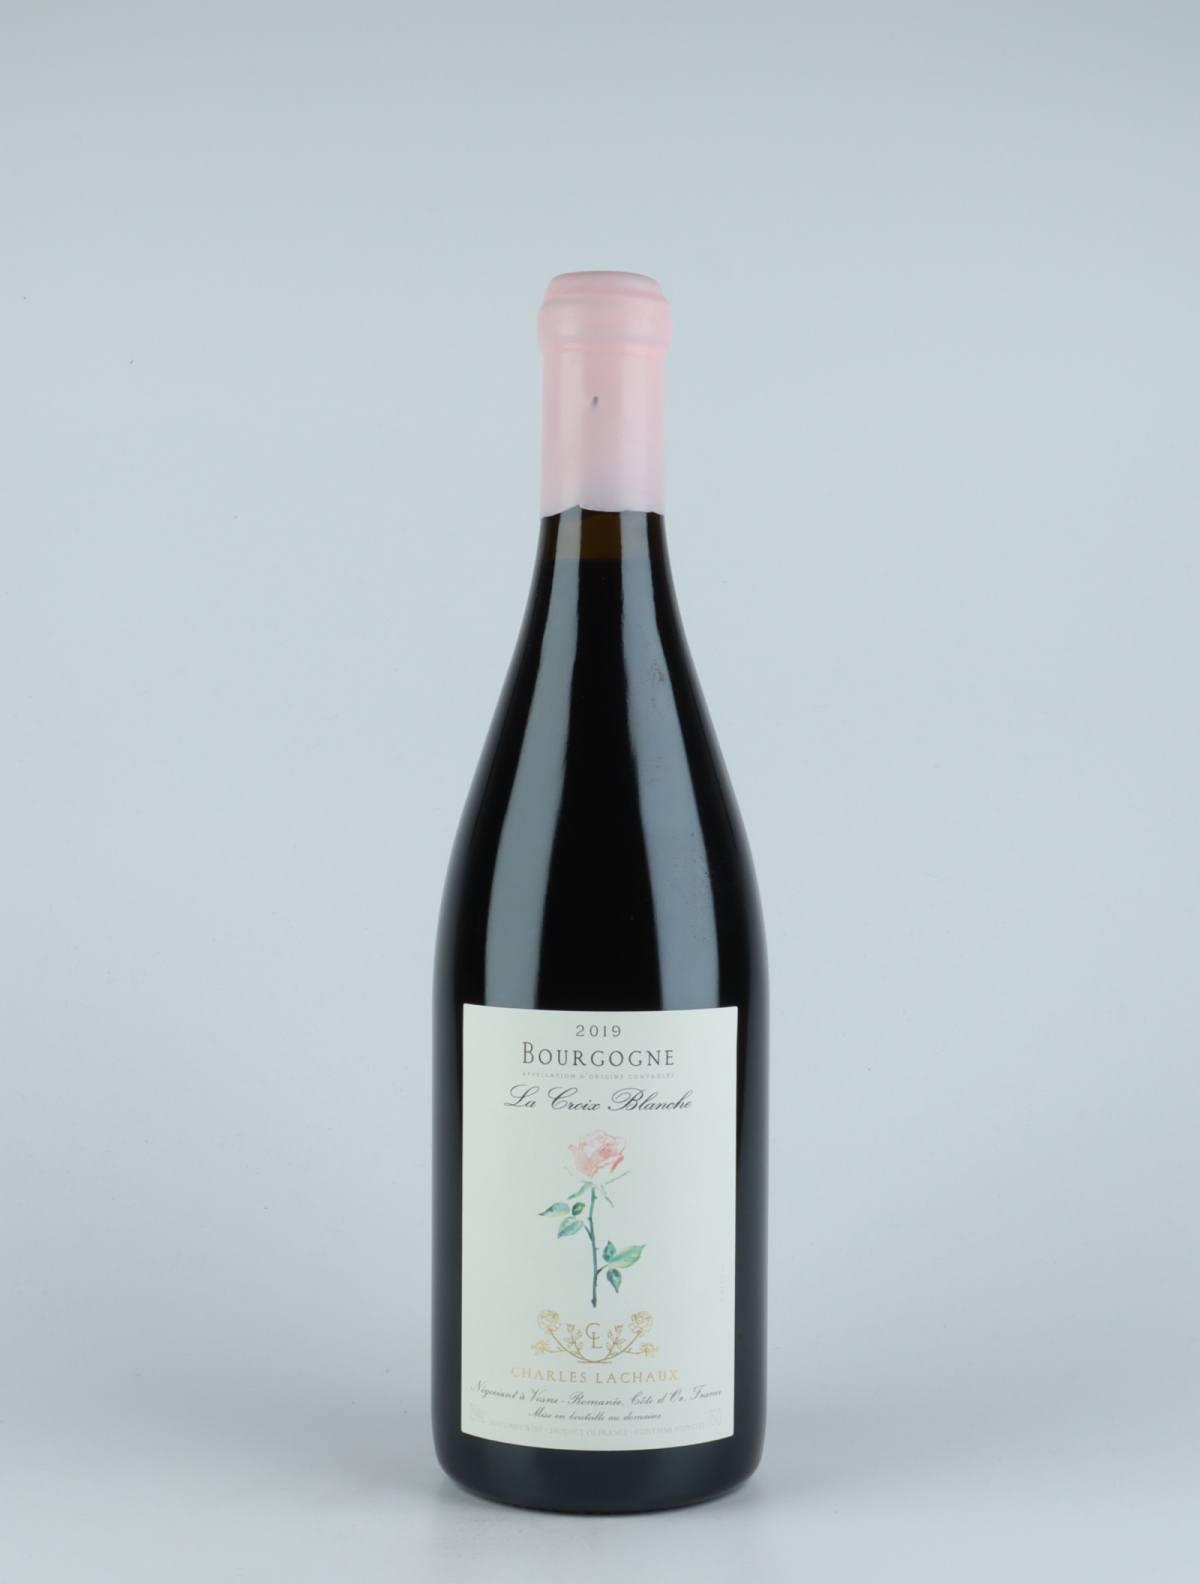 Bourgogne Rouge - La Croix Blanche